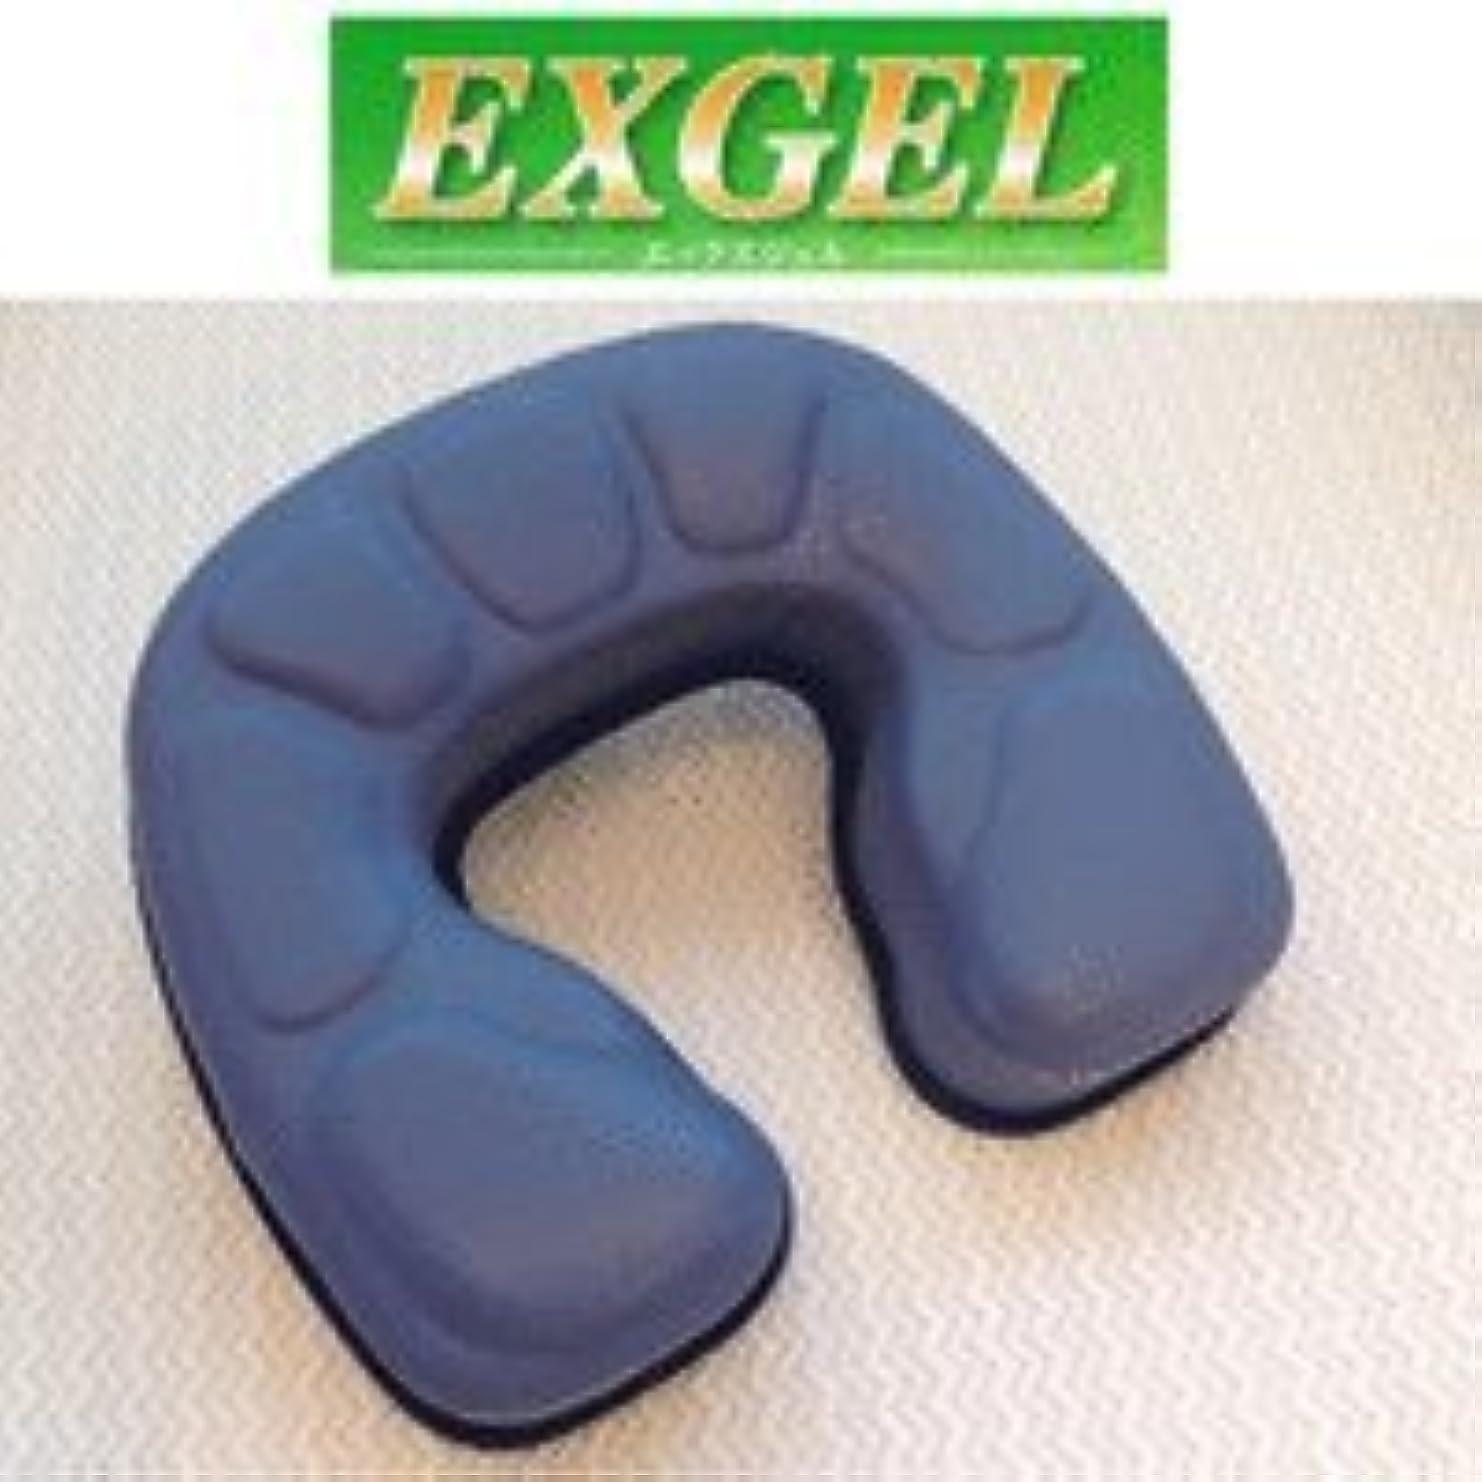 浴室堂々たる聞きますEXGEL(エックスジェル) EXフェイスマット 25×26×6cm (カナケン治療?施術用枕) うつぶせ寝まくら KT-297